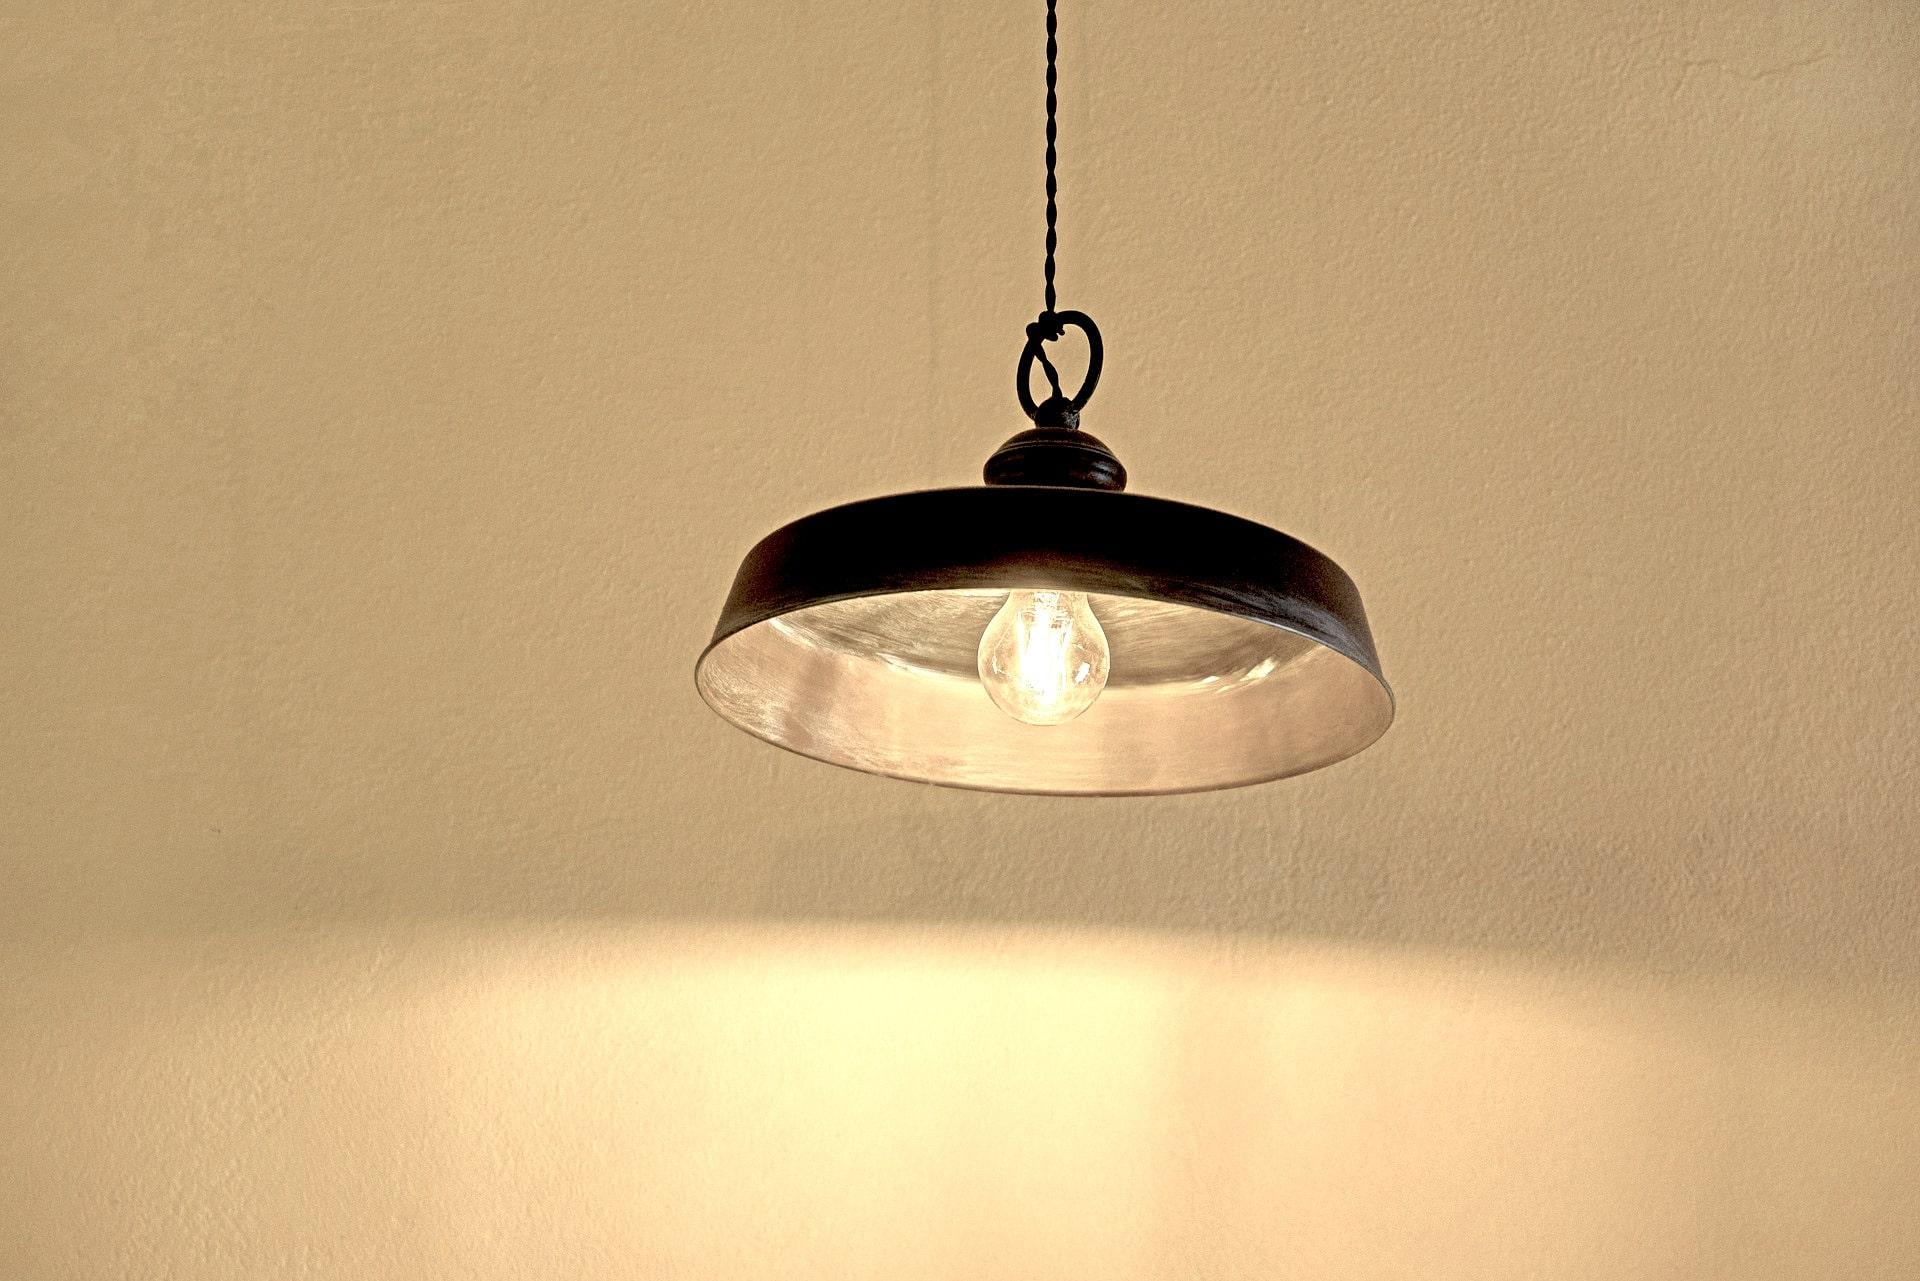 Goulotte Pour Plafond l'installation d'un plafonnier sans arrivée électrique